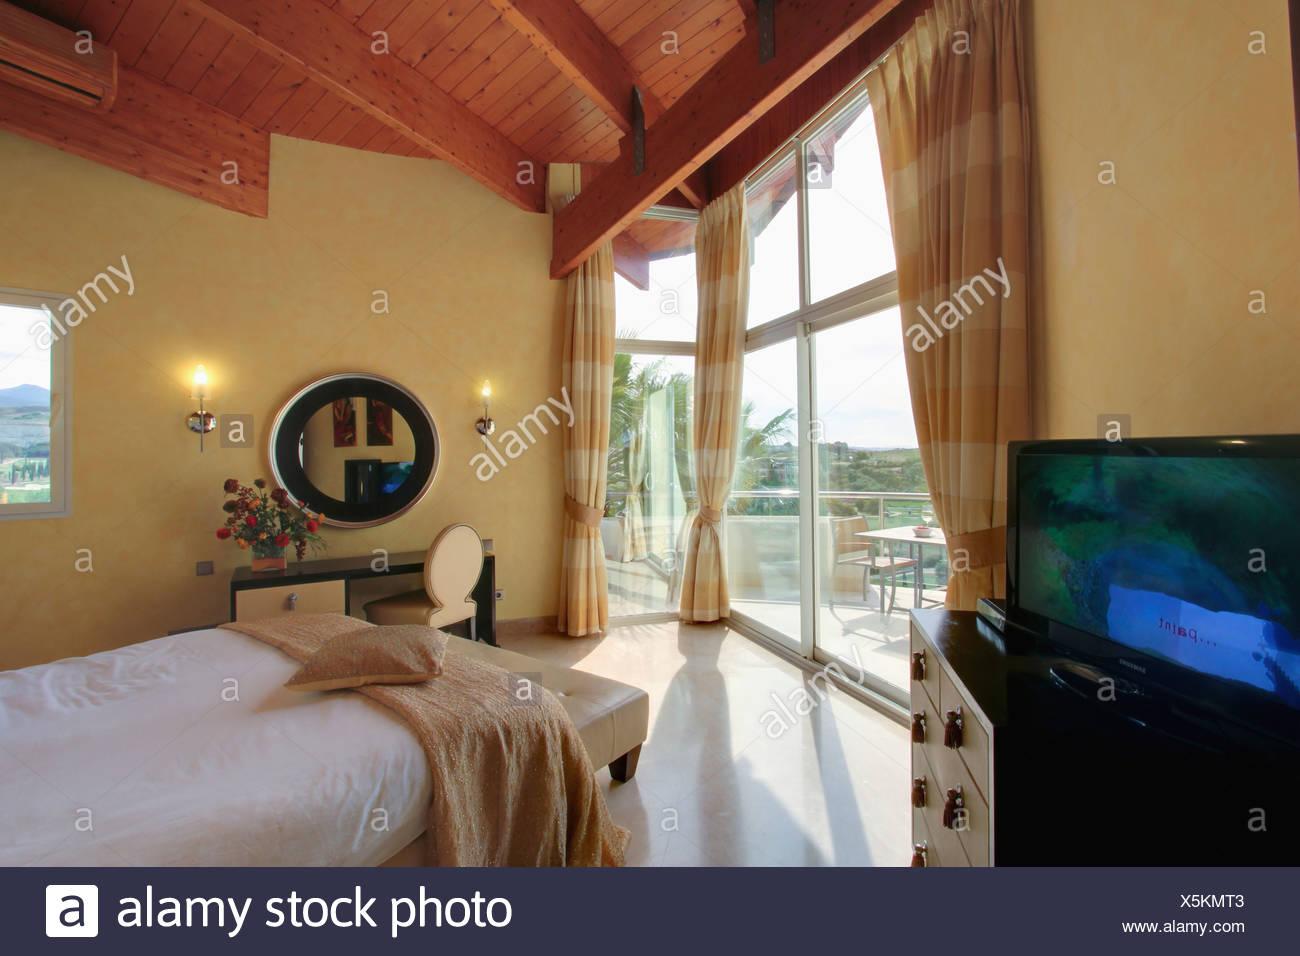 Creme zu werfen, auf Bett im Schlafzimmer moderne spanische Villa ...